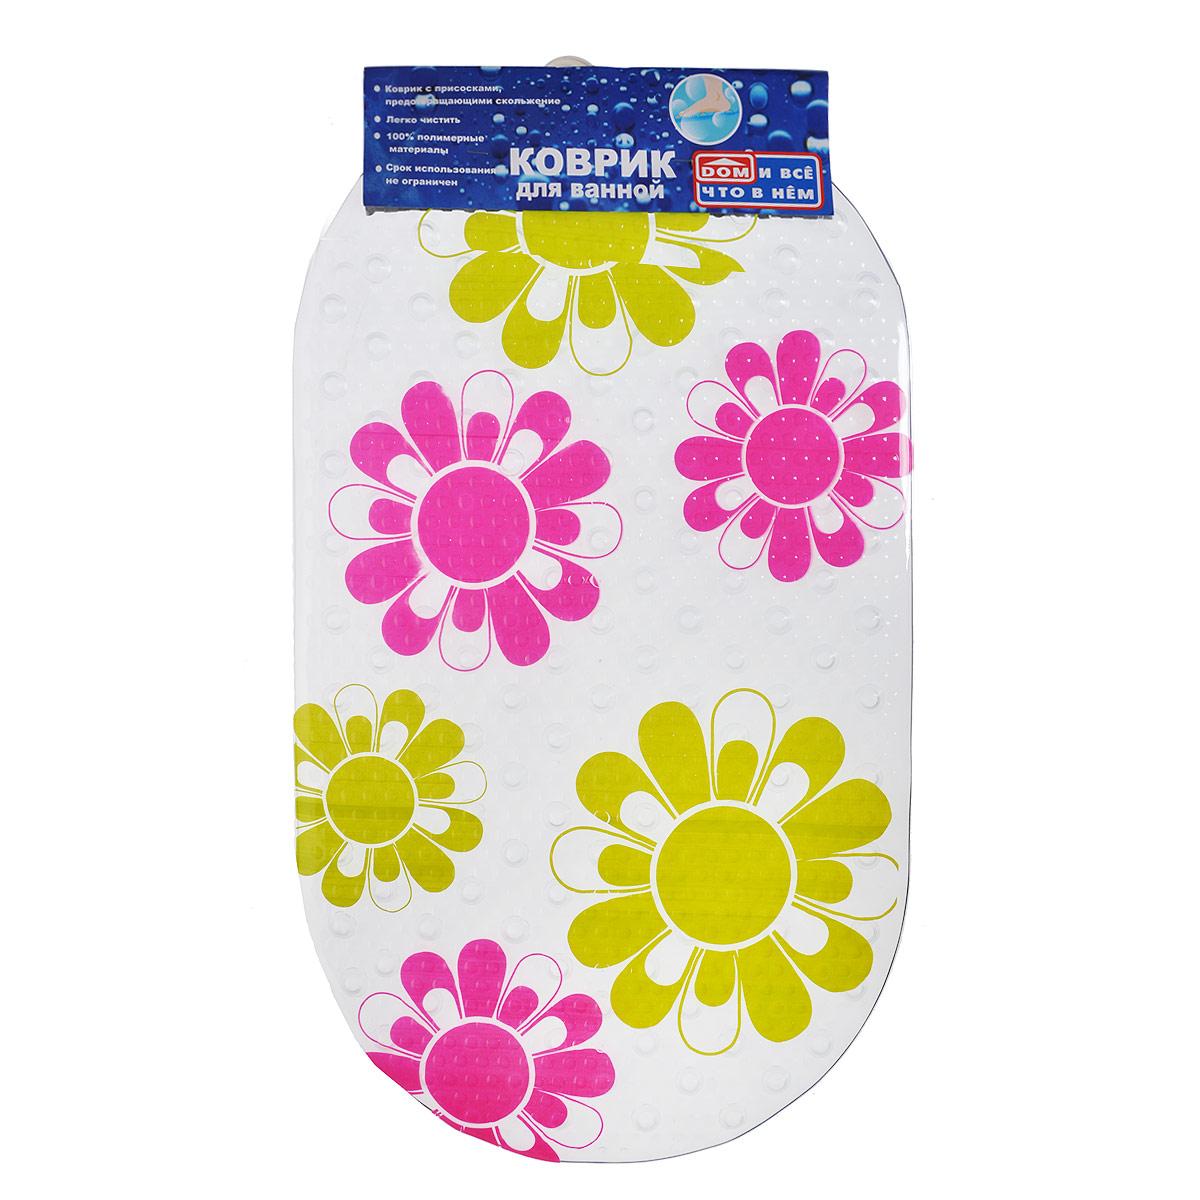 Коврик для ванны Цветы, цвет: желтый, розовый, 67 х 37 смRG-D31SКоврик для ванны и душевой кабины Цветы, выполненный из винила и оформленный рисунком в виде цветов.Противоскользящий коврик для ванны - это хорошая защита детей и взрослых от неожиданных падений на гладкой мокрой поверхности.Коврик очень плотно крепится ко дну множеством присосок, расположенных по всей изнаночной стороне. Отверстия, предназначенные для пропуска воды, способствуют лучшему сцеплению с поверхностью, таким образом, полностью, исключая скольжение. Принимая душ или ванную, постелите противоскользящий коврик. Это особенно актуально для семьи с маленькими детьми и пожилыми людьми. Характеристики: Материал:винил. Размер:67 см х 37 см.